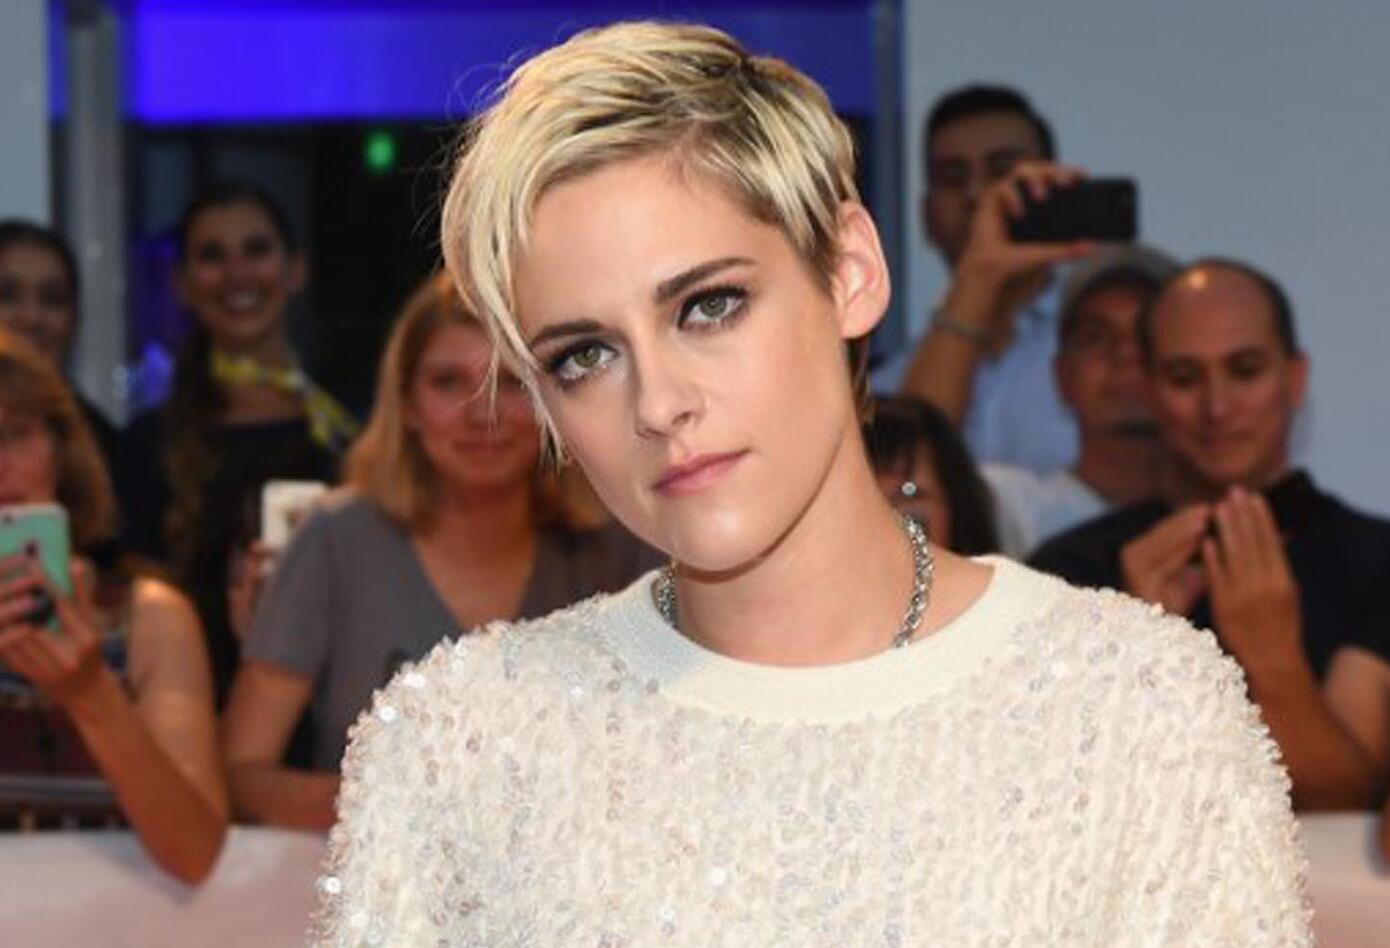 Kristen Stewart con 28 años ya protagonizó la reconocida saga de Crepúsculo, además de participar en el próximo filme de 'Los Ángeles de Charlie'.